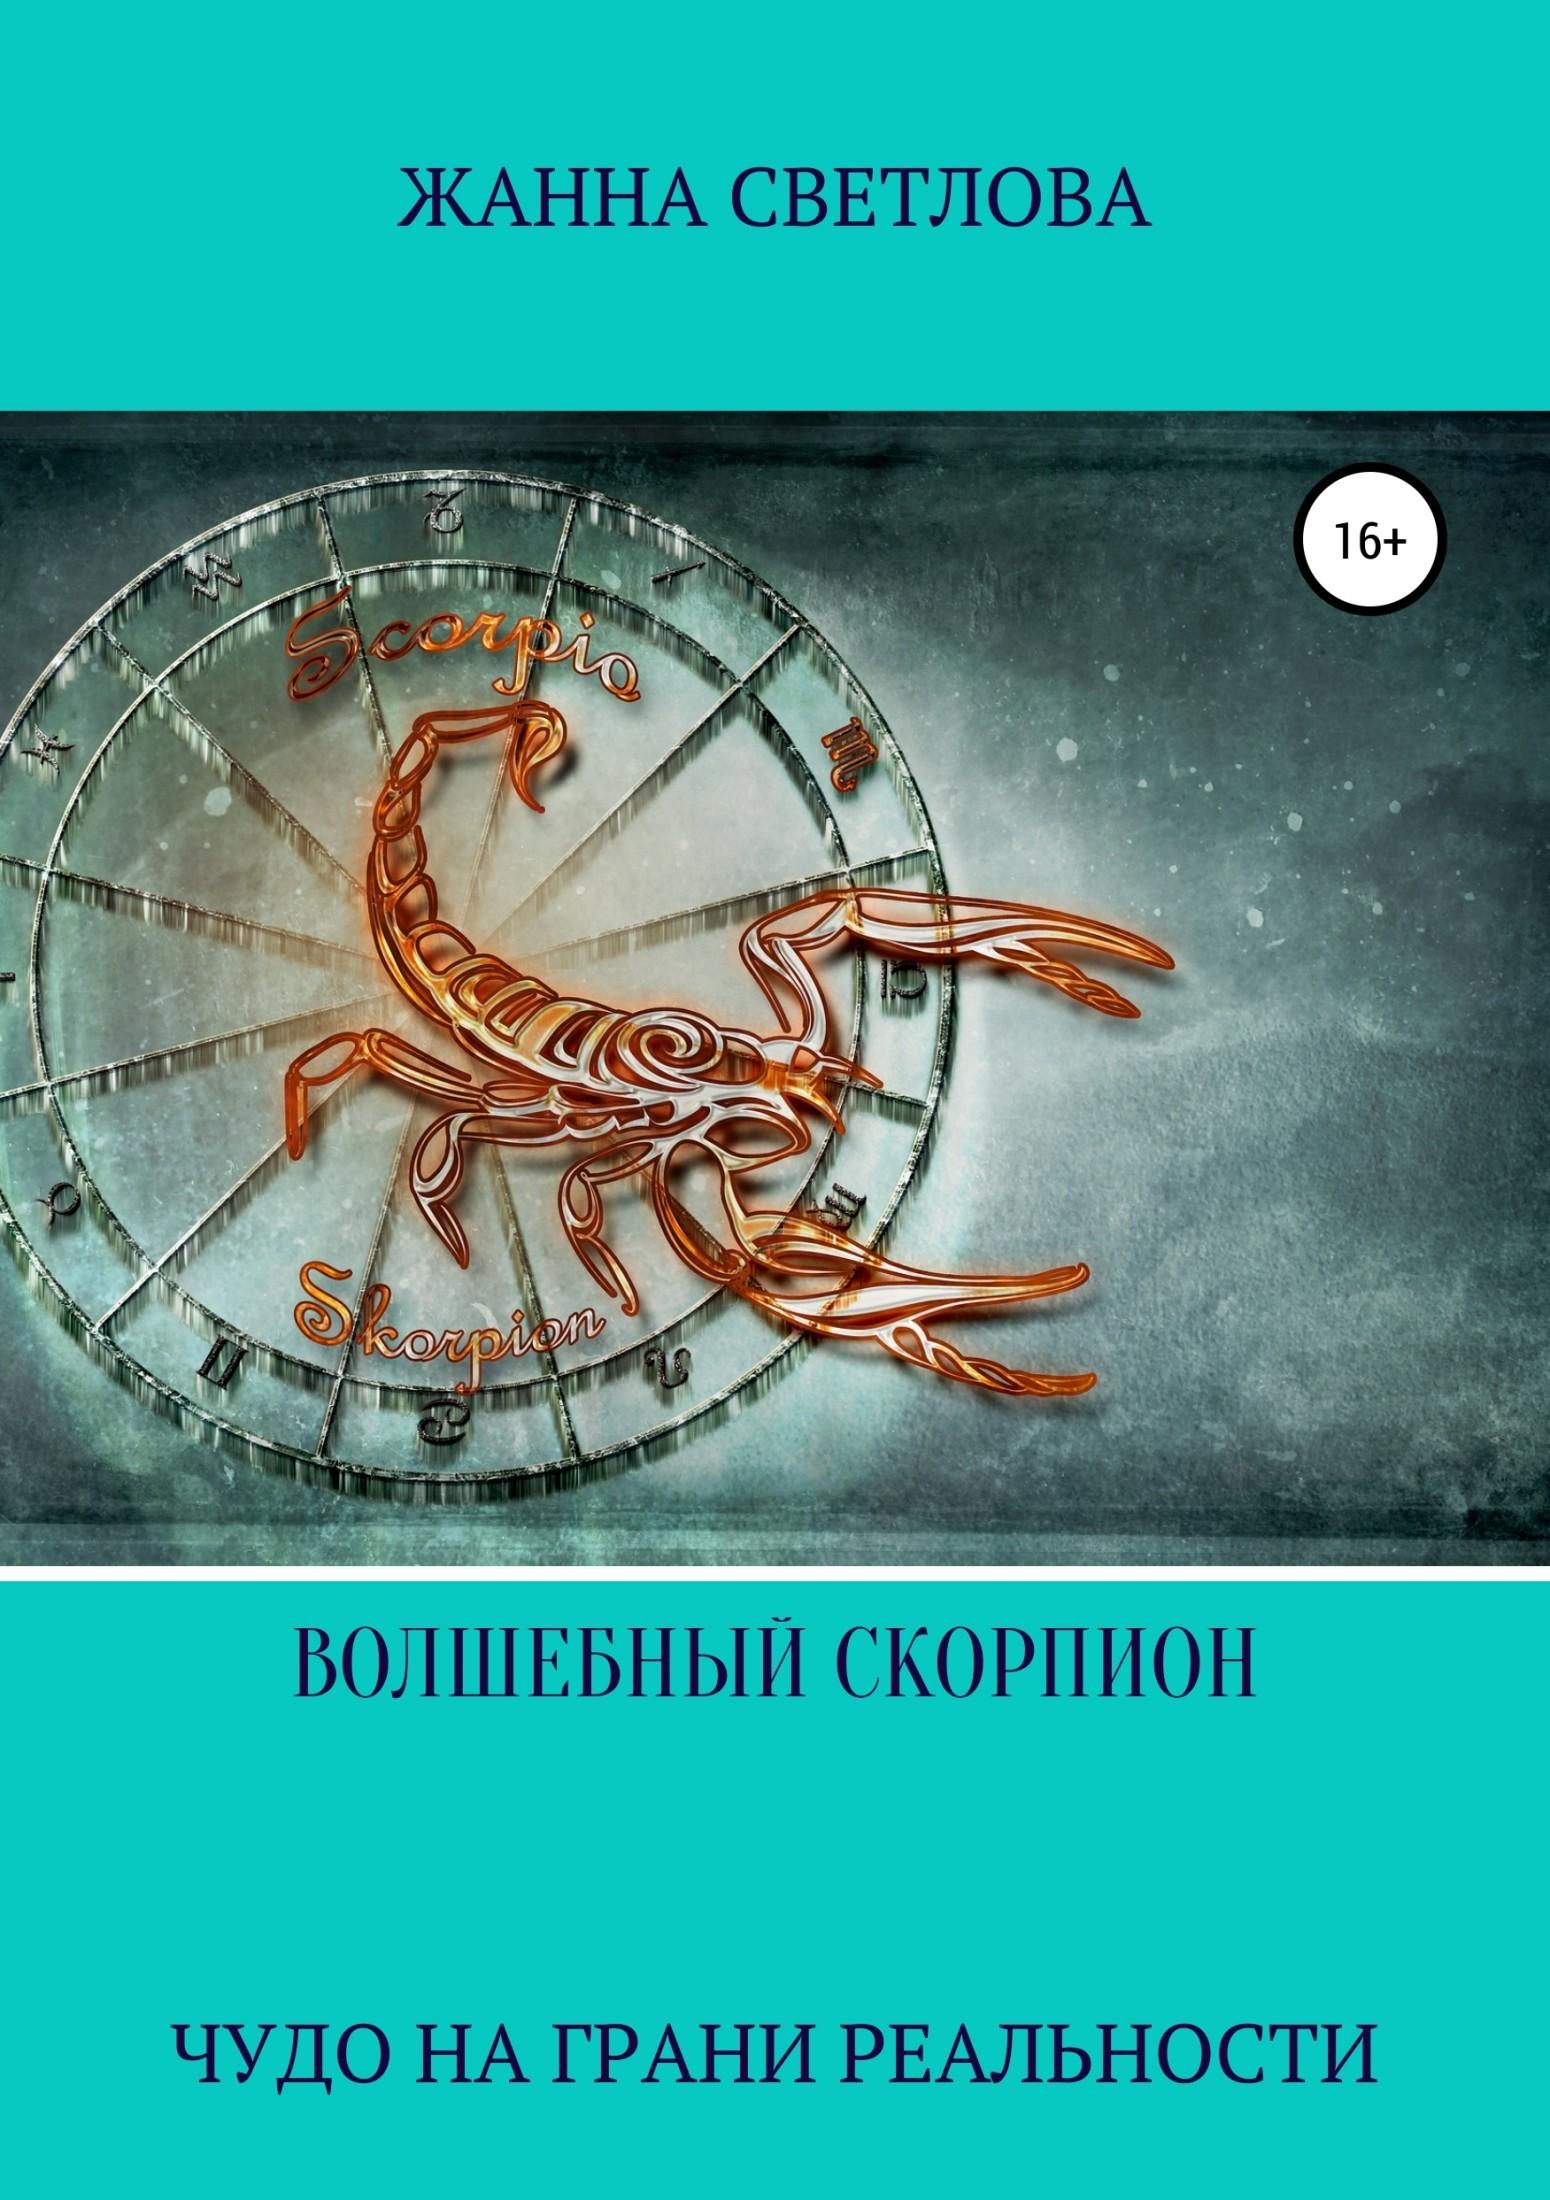 Жанна Светлова Волшебный скорпион. Сборник рассказов жанна светлова волшебный скорпион сборник рассказов